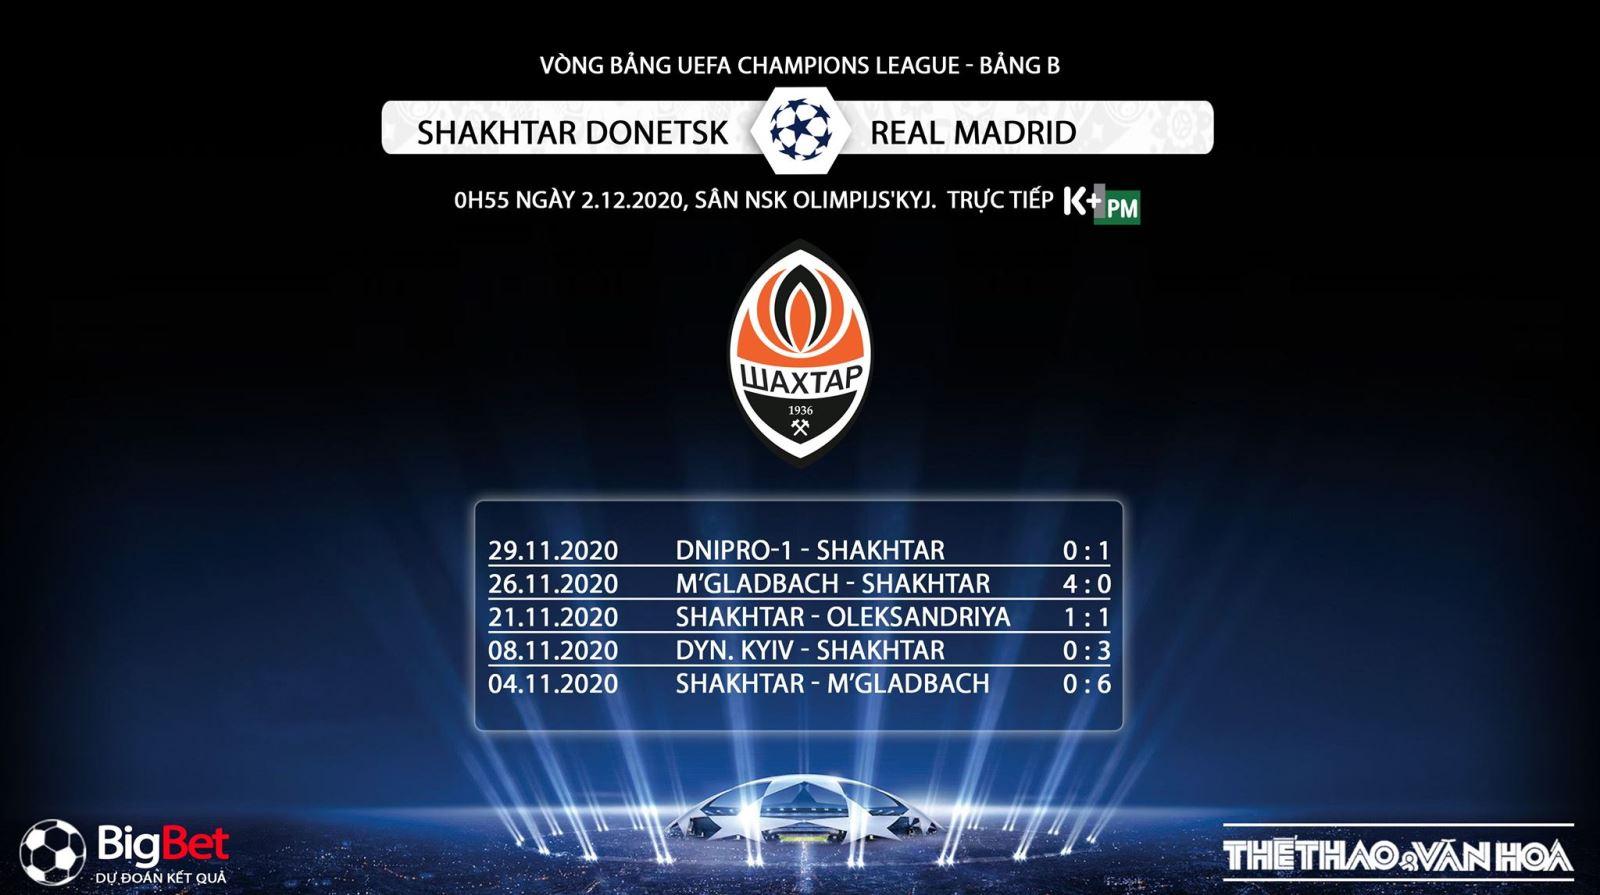 Keo nha cai, Kèo nhà cái, Shakhtar Donetsk vs Real Madrid, Trực tiếp bóng đá, Cúp C1 châu Âu, trực tiếp real Madrid đấu với shakhtar donestk, trực tiếp cúp C1